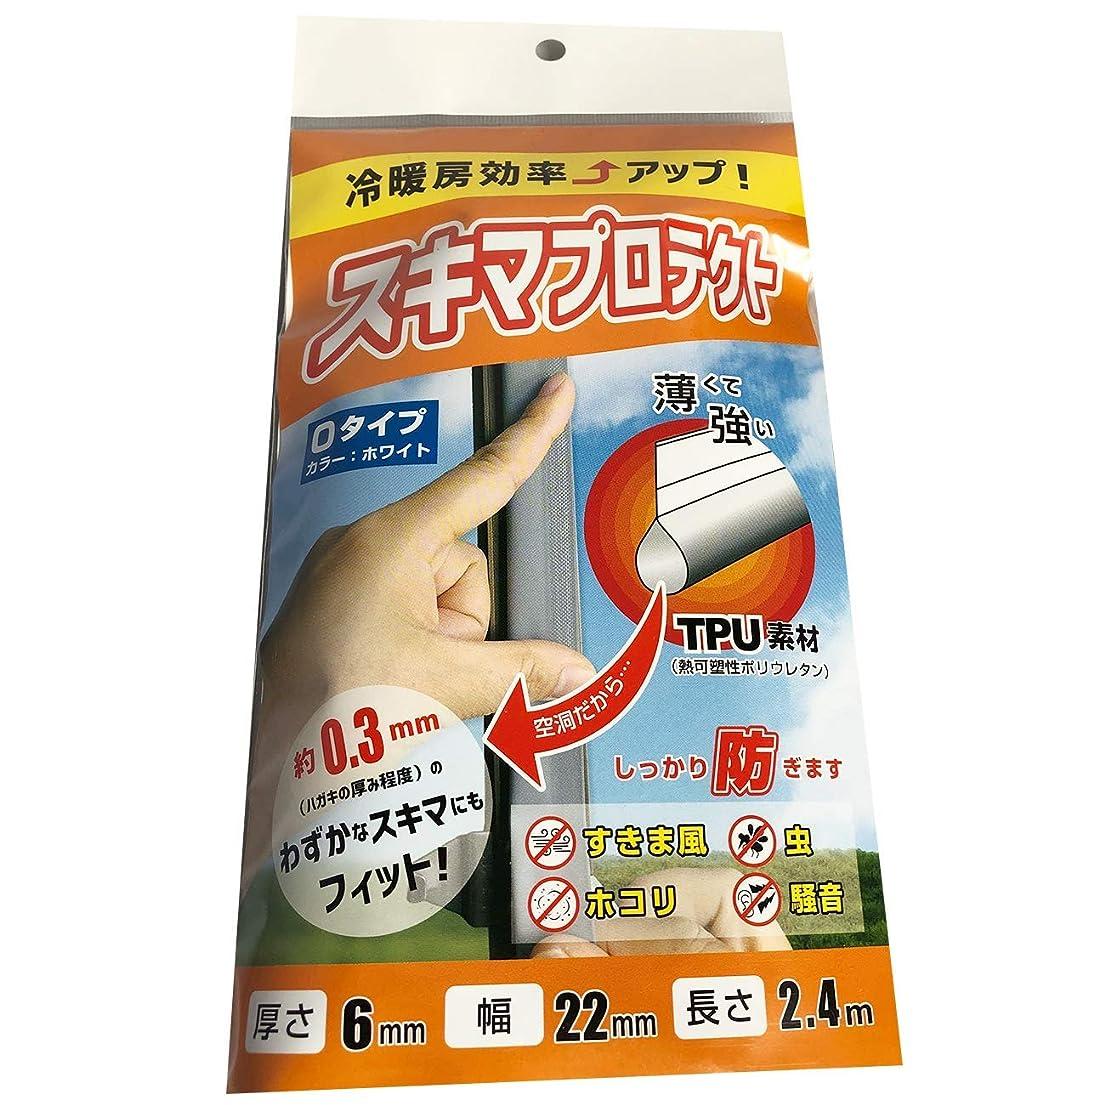 チャンピオン信者引き付けるエアコンの冷たい風を逃がさない 貼るだけ 簡単 すき間テープ スキマプロテクト Oタイプ (ホワイト)